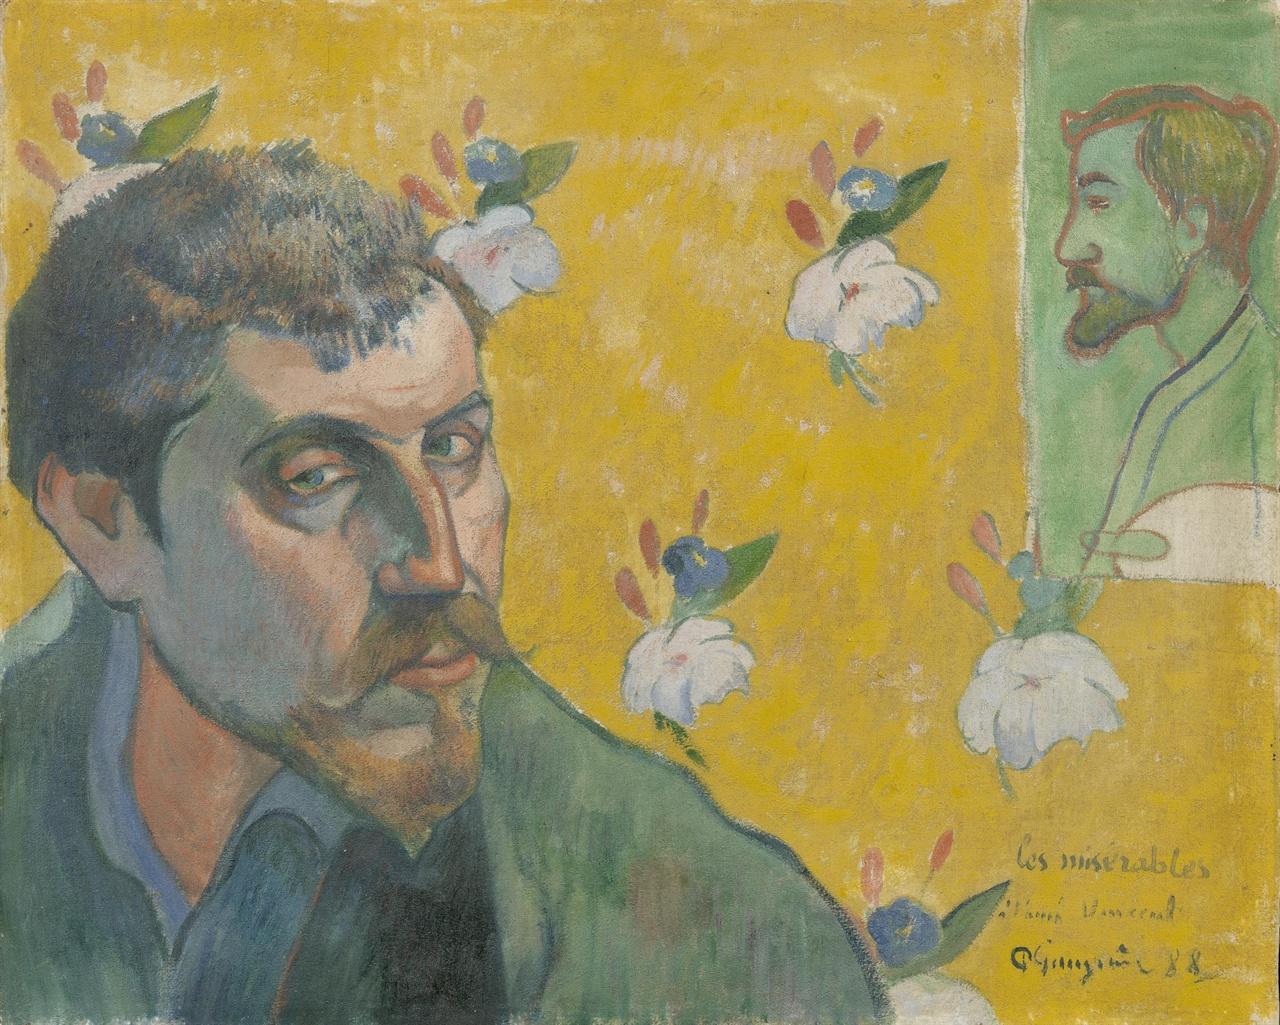 고갱, 「레 미제라블」1888년  반 고흐 미술관